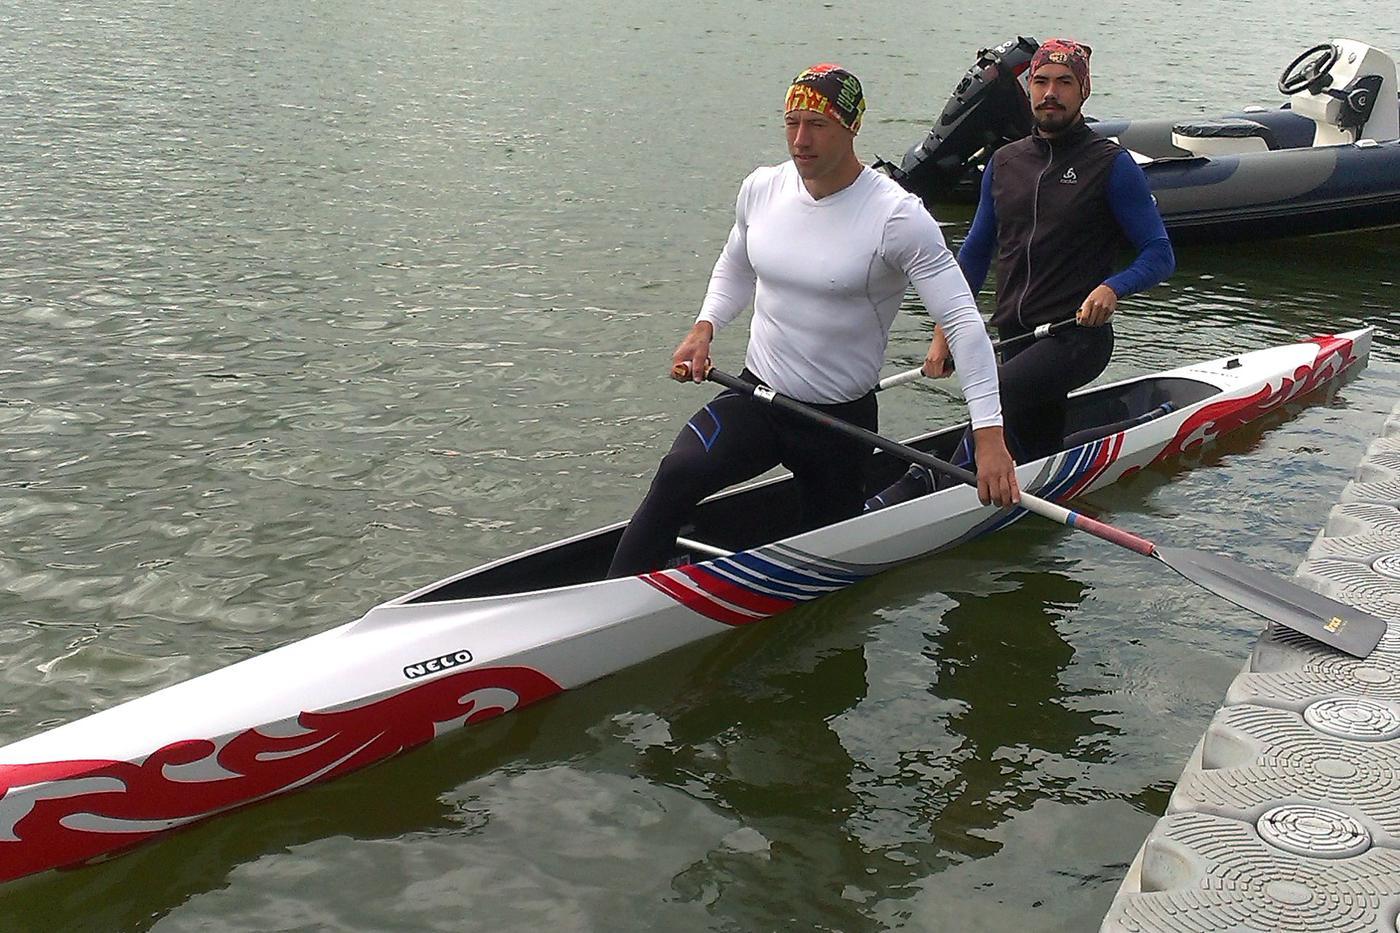 МОК за два года не смог вручить российскому гребцу олимпийскую медаль - фото